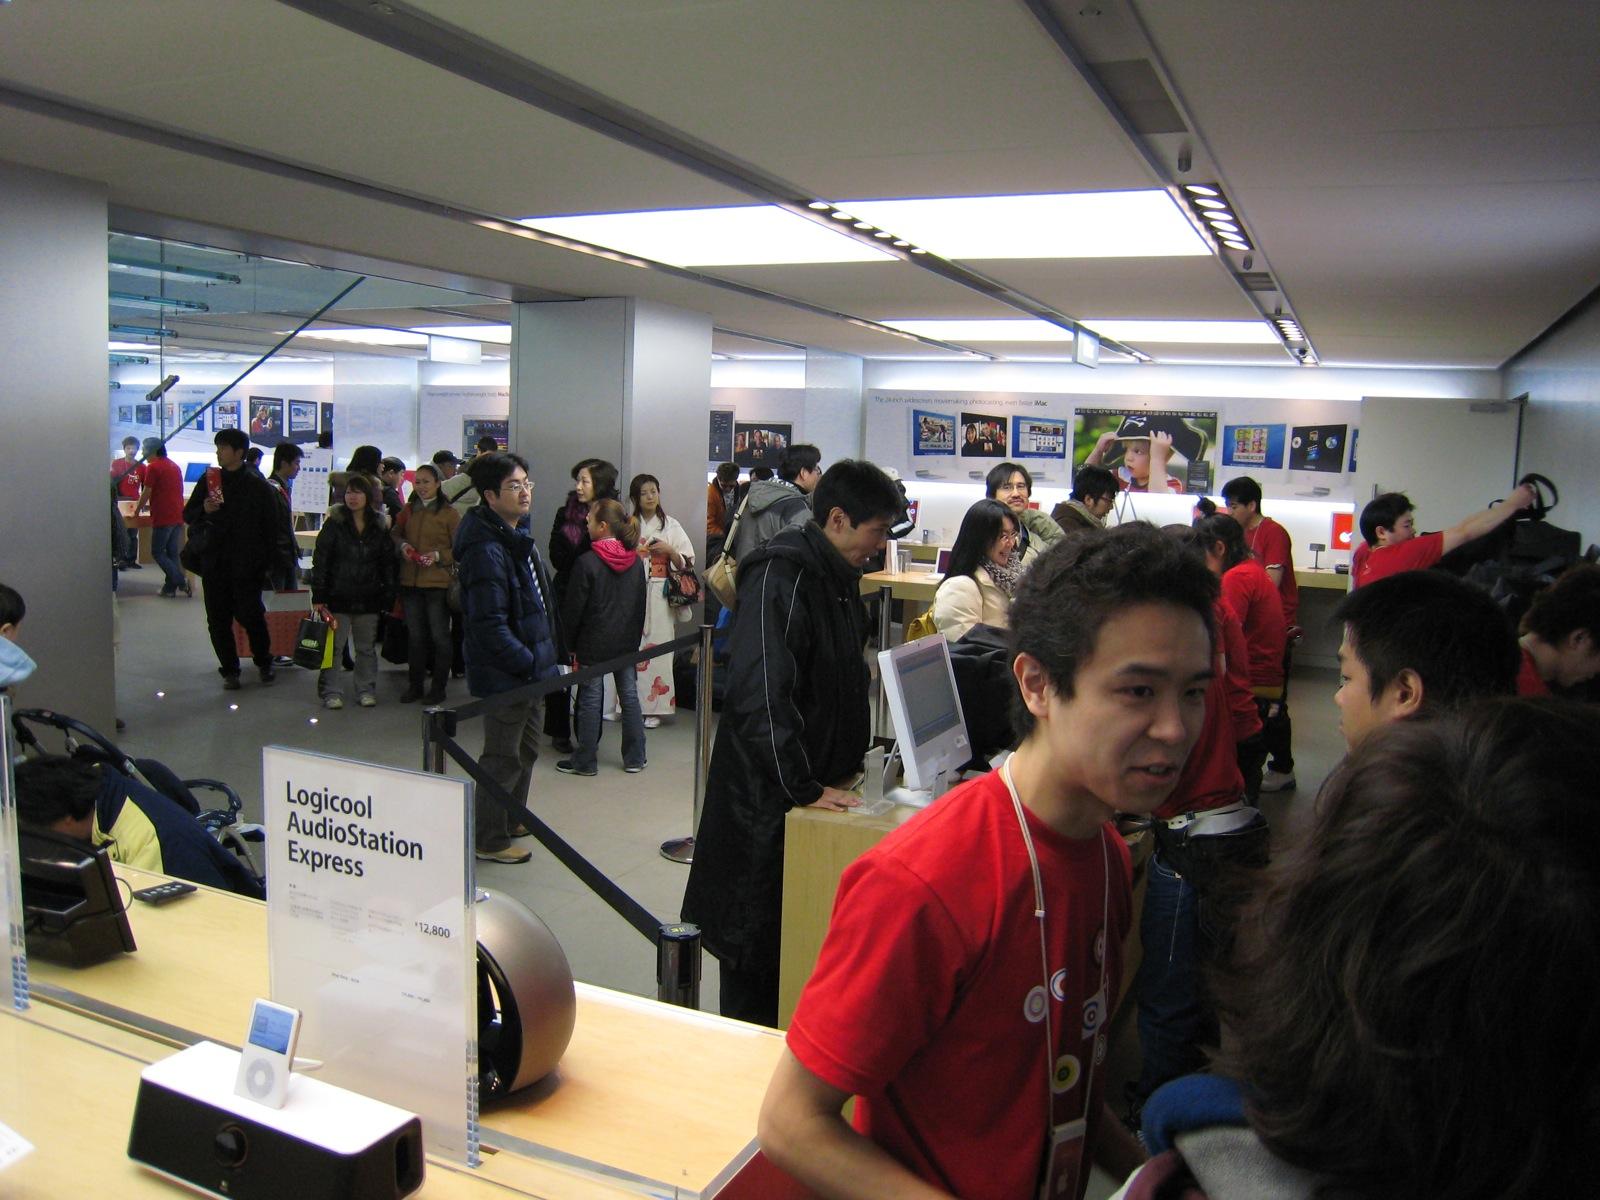 【LuckyBag 2014】1000人以上が並んだApple Store銀座に先頭で並んだ人は大当たりをゲットすることができたのか!?